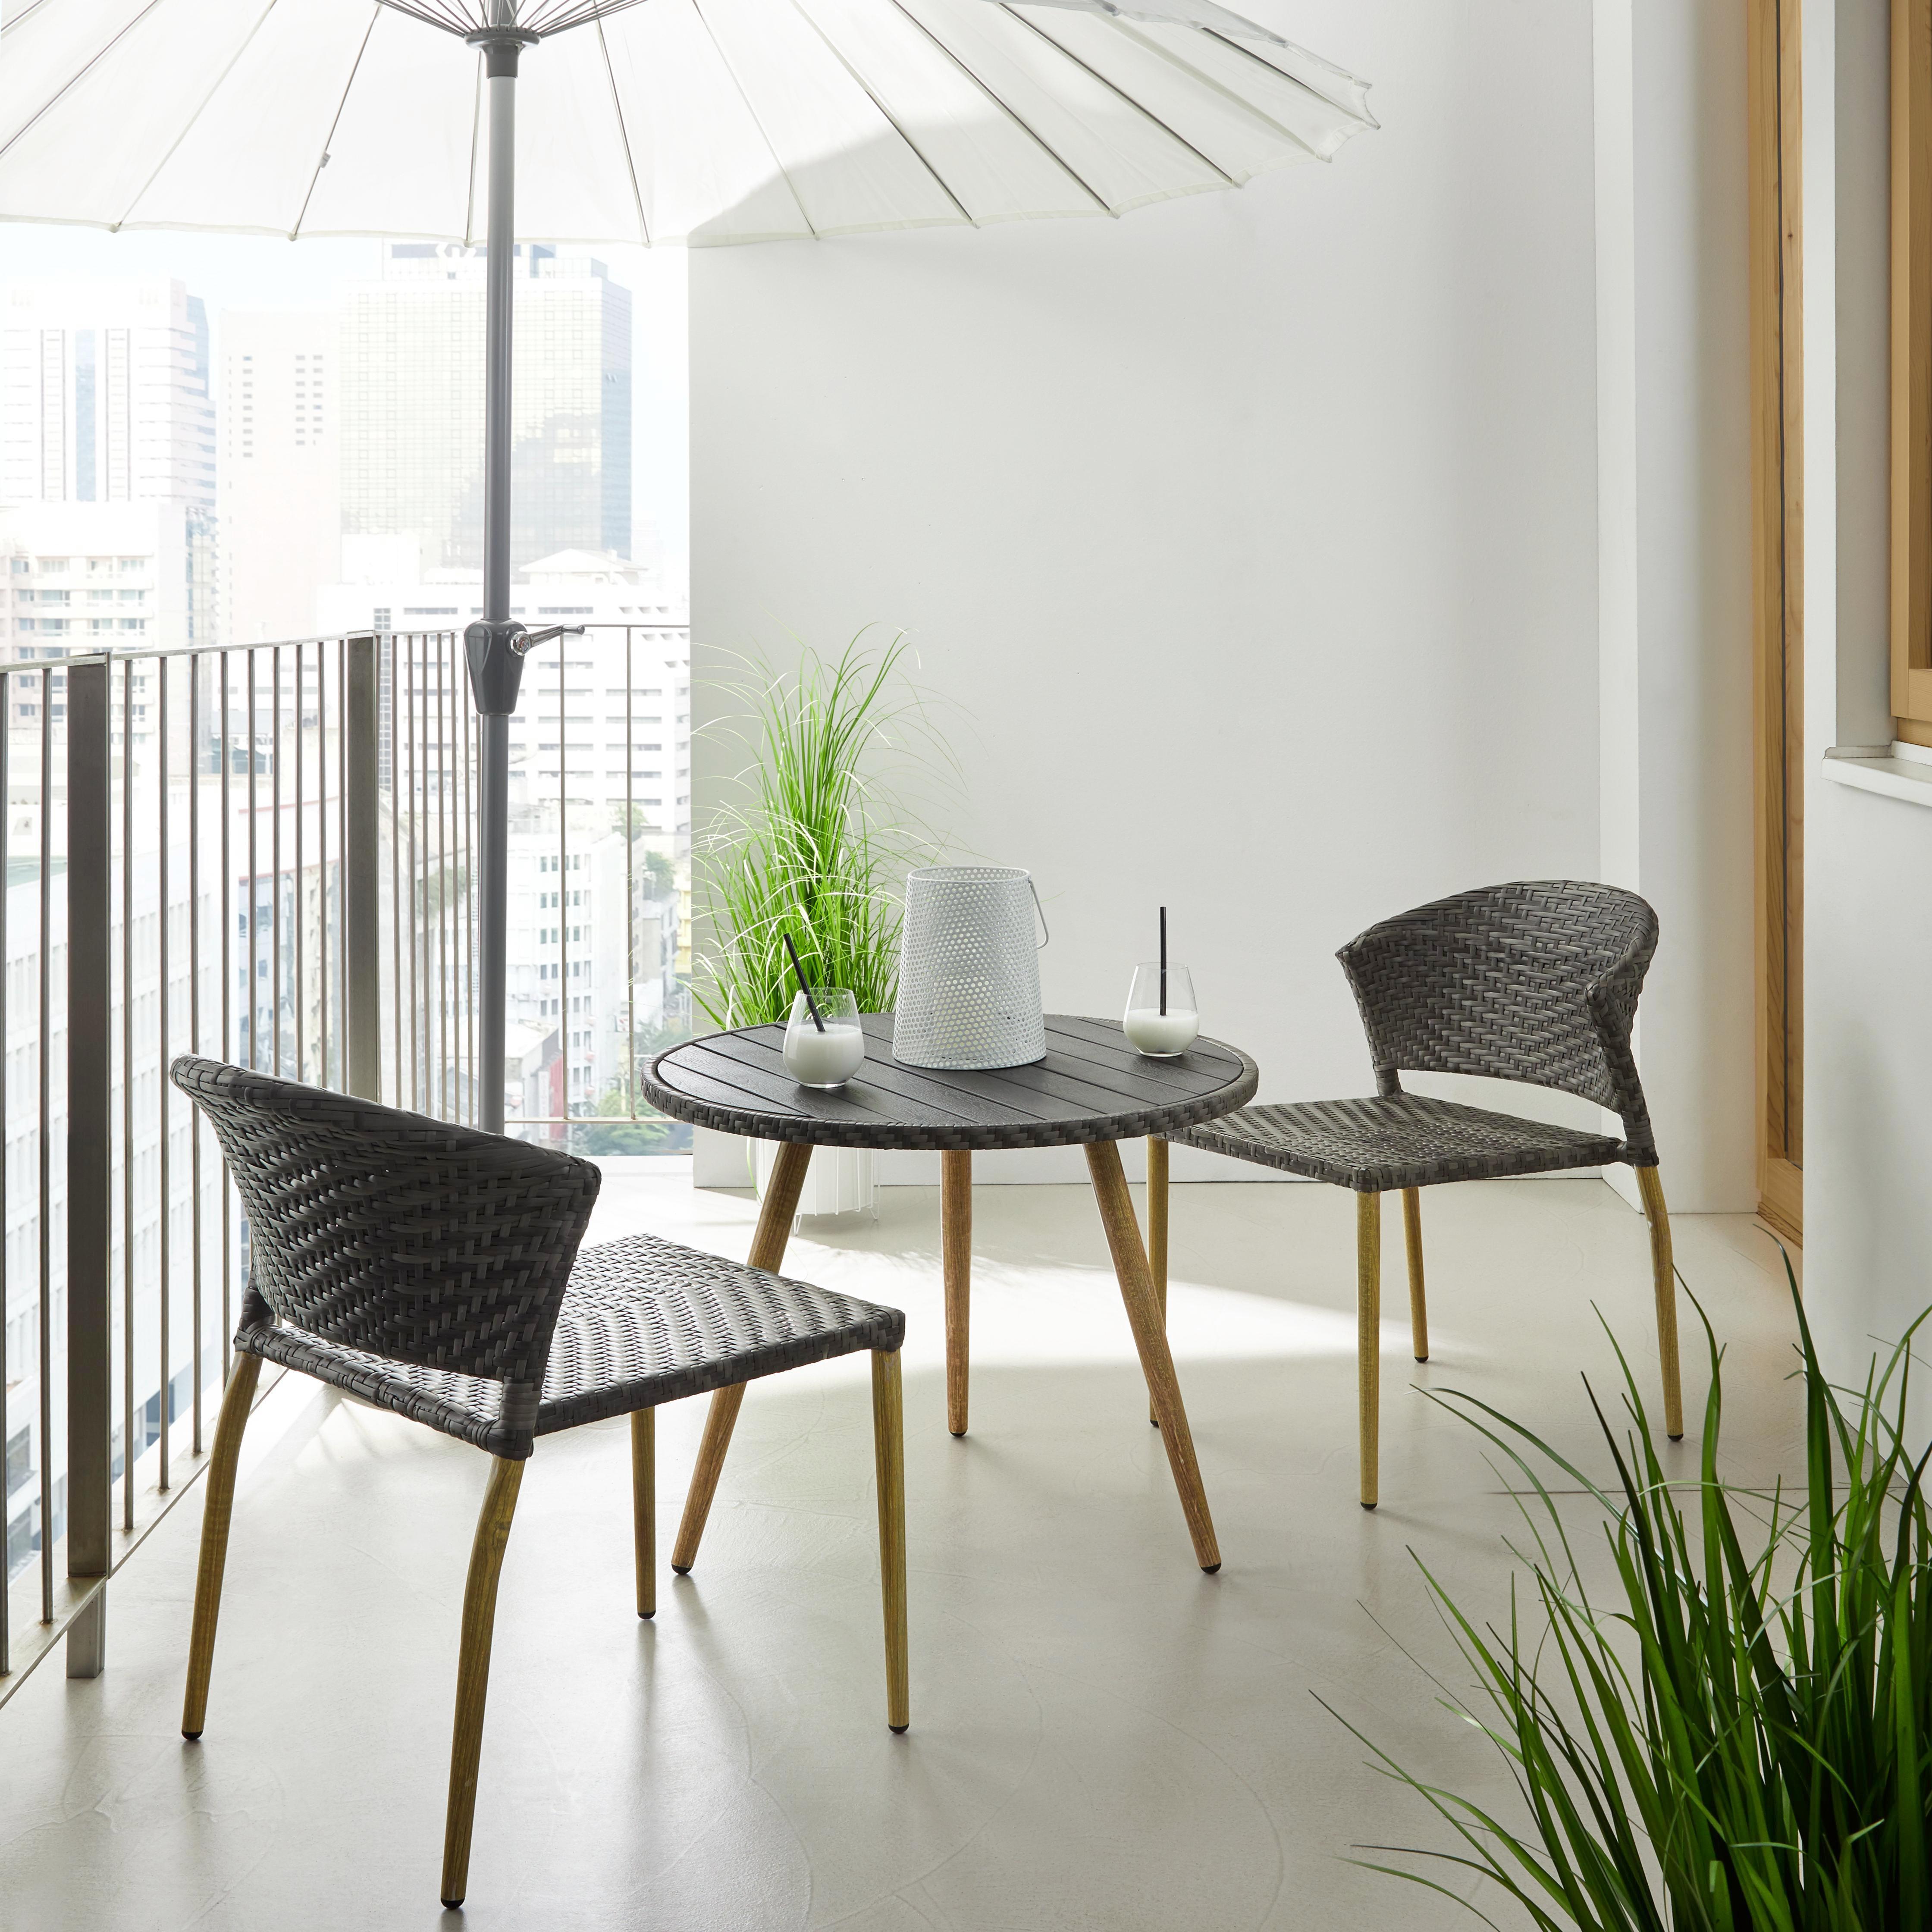 Balkonset Marie (Tisch und 2 Stühle) für 46,23 € inkl. Versand @ mömax.de